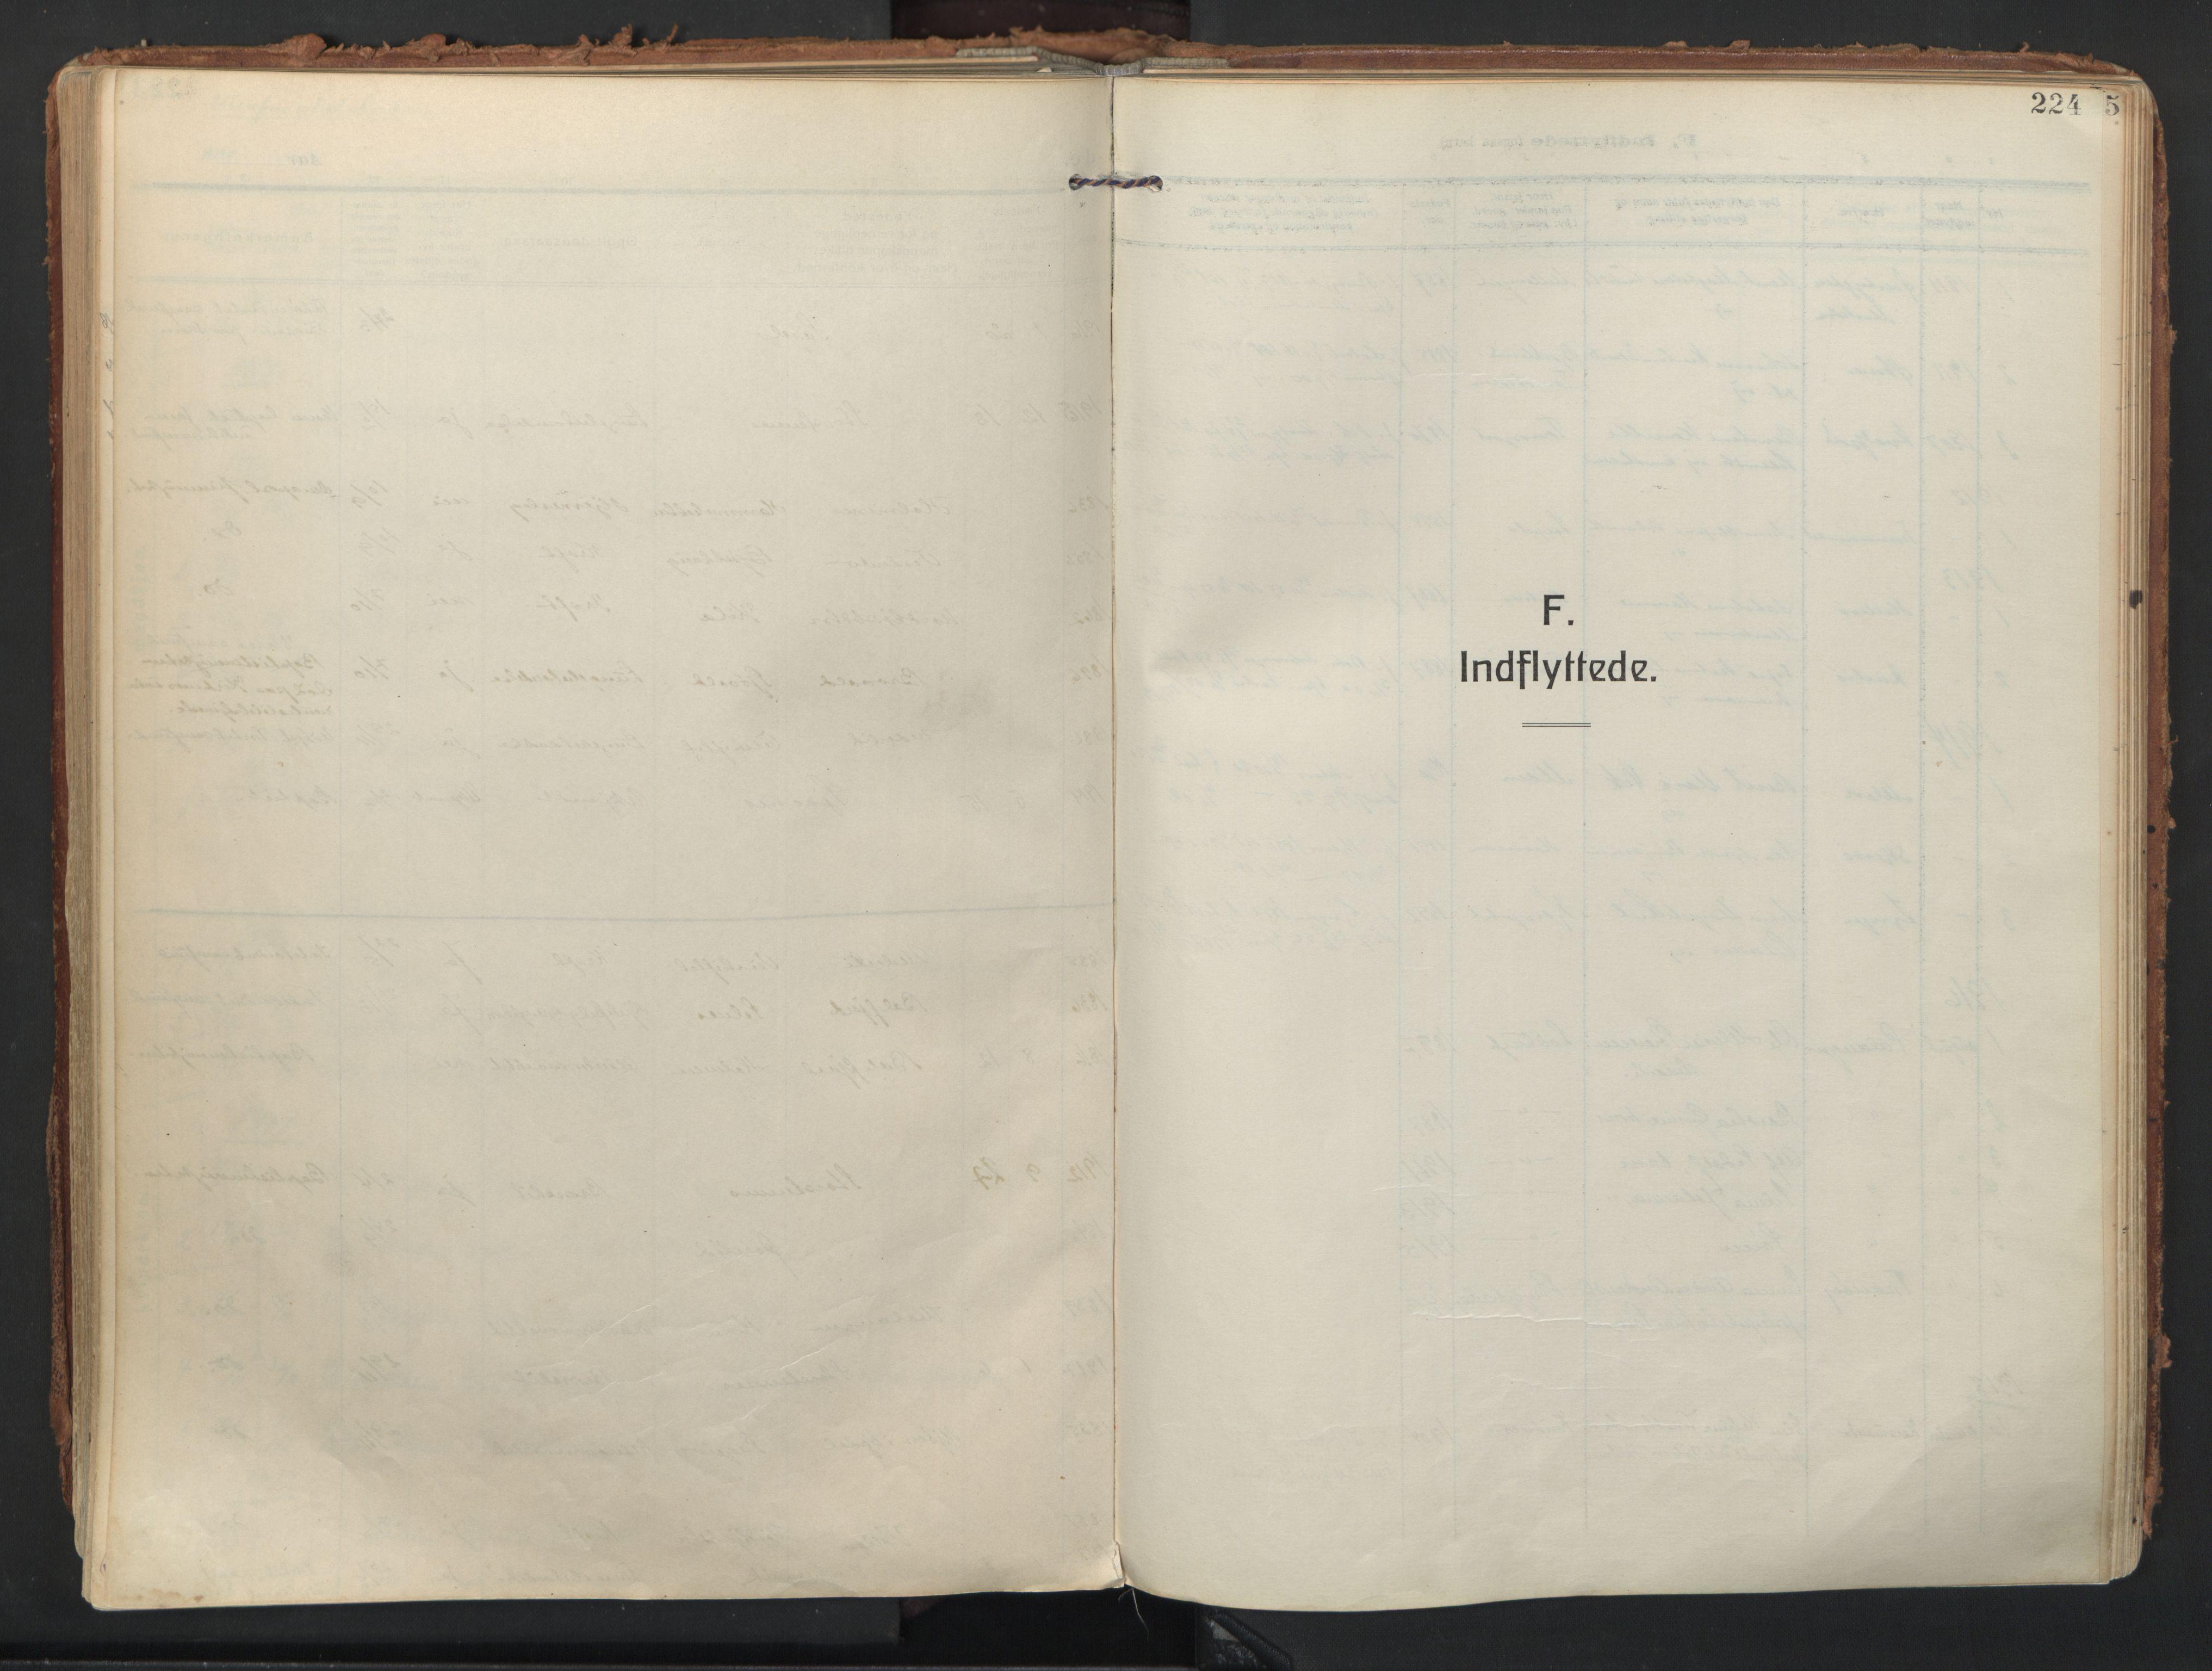 SATØ, Balsfjord sokneprestembete, Ministerialbok nr. 9, 1909-1921, s. 224